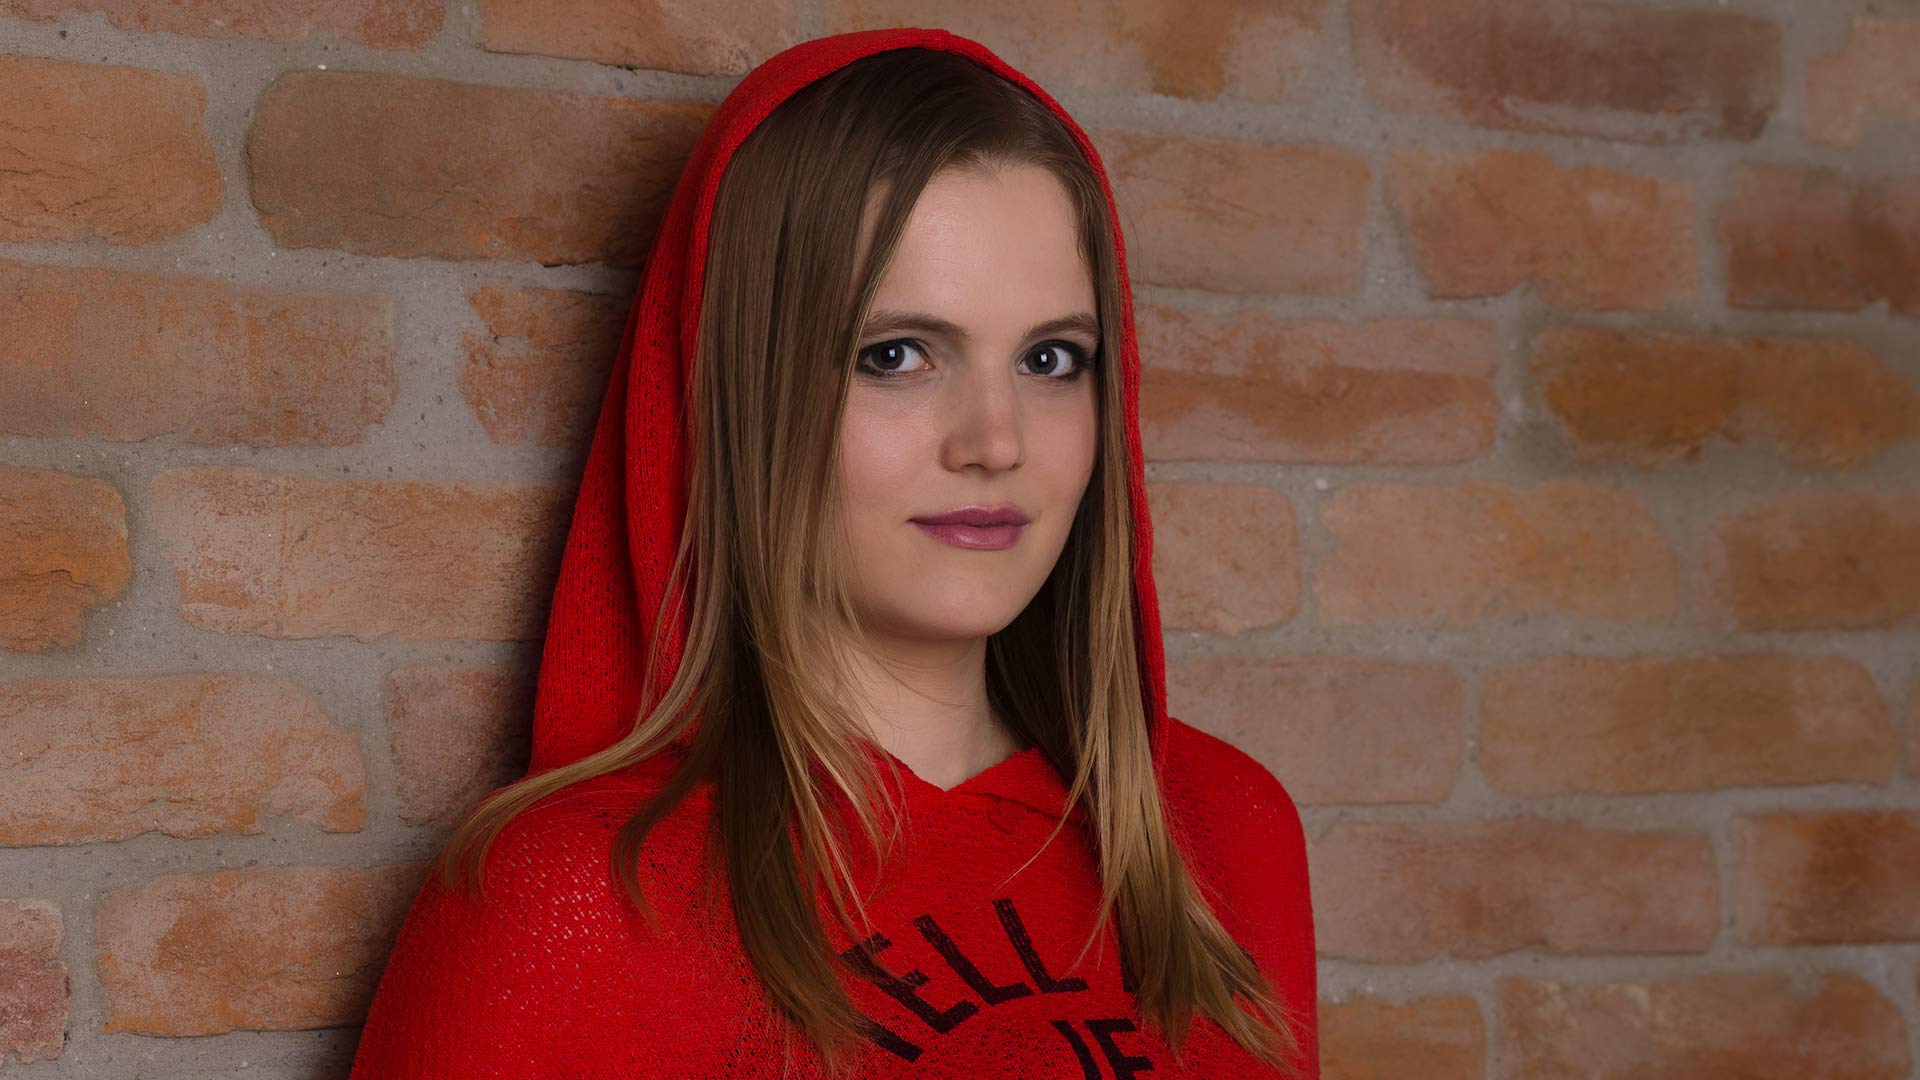 Portrait im Fotostudio vor einer Ziegelmauer